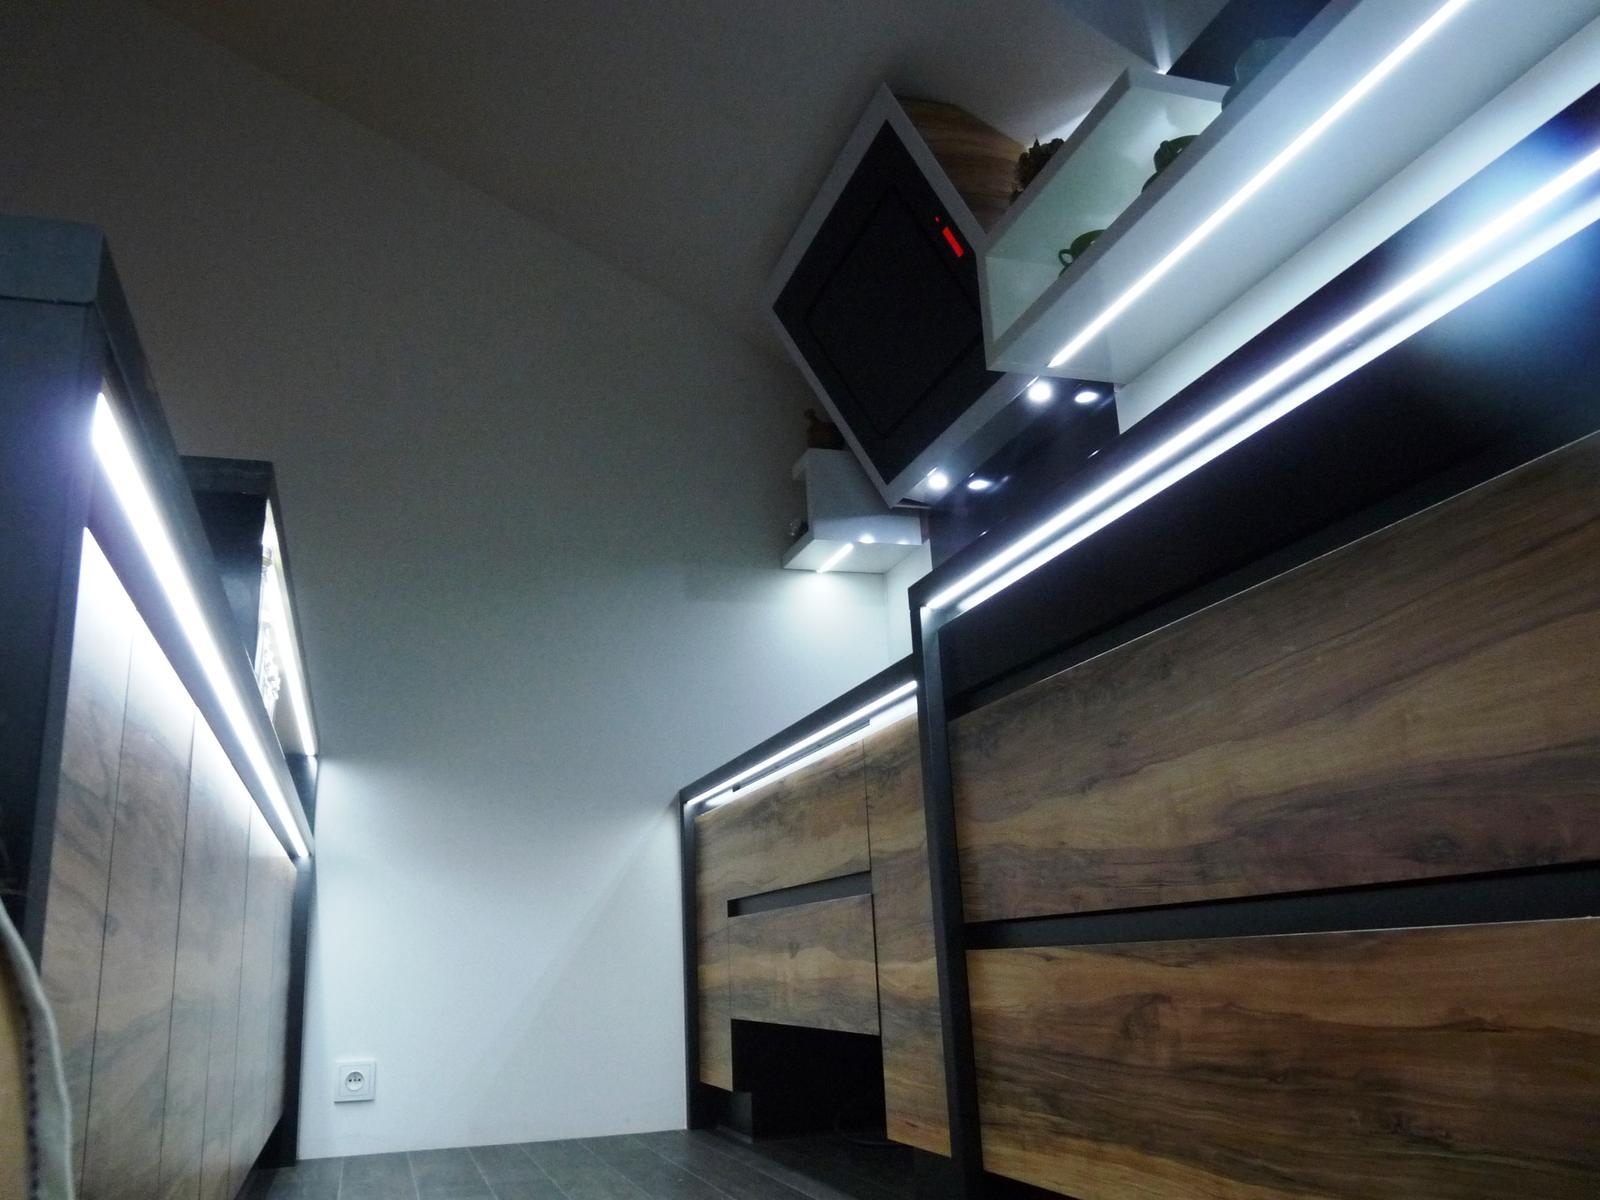 Kuchyňské linky....realizace - Podsvítit lze i přesahy pracovní desky.Při otevření skřínky,nebo šuplíku svítí světlo do prostoru